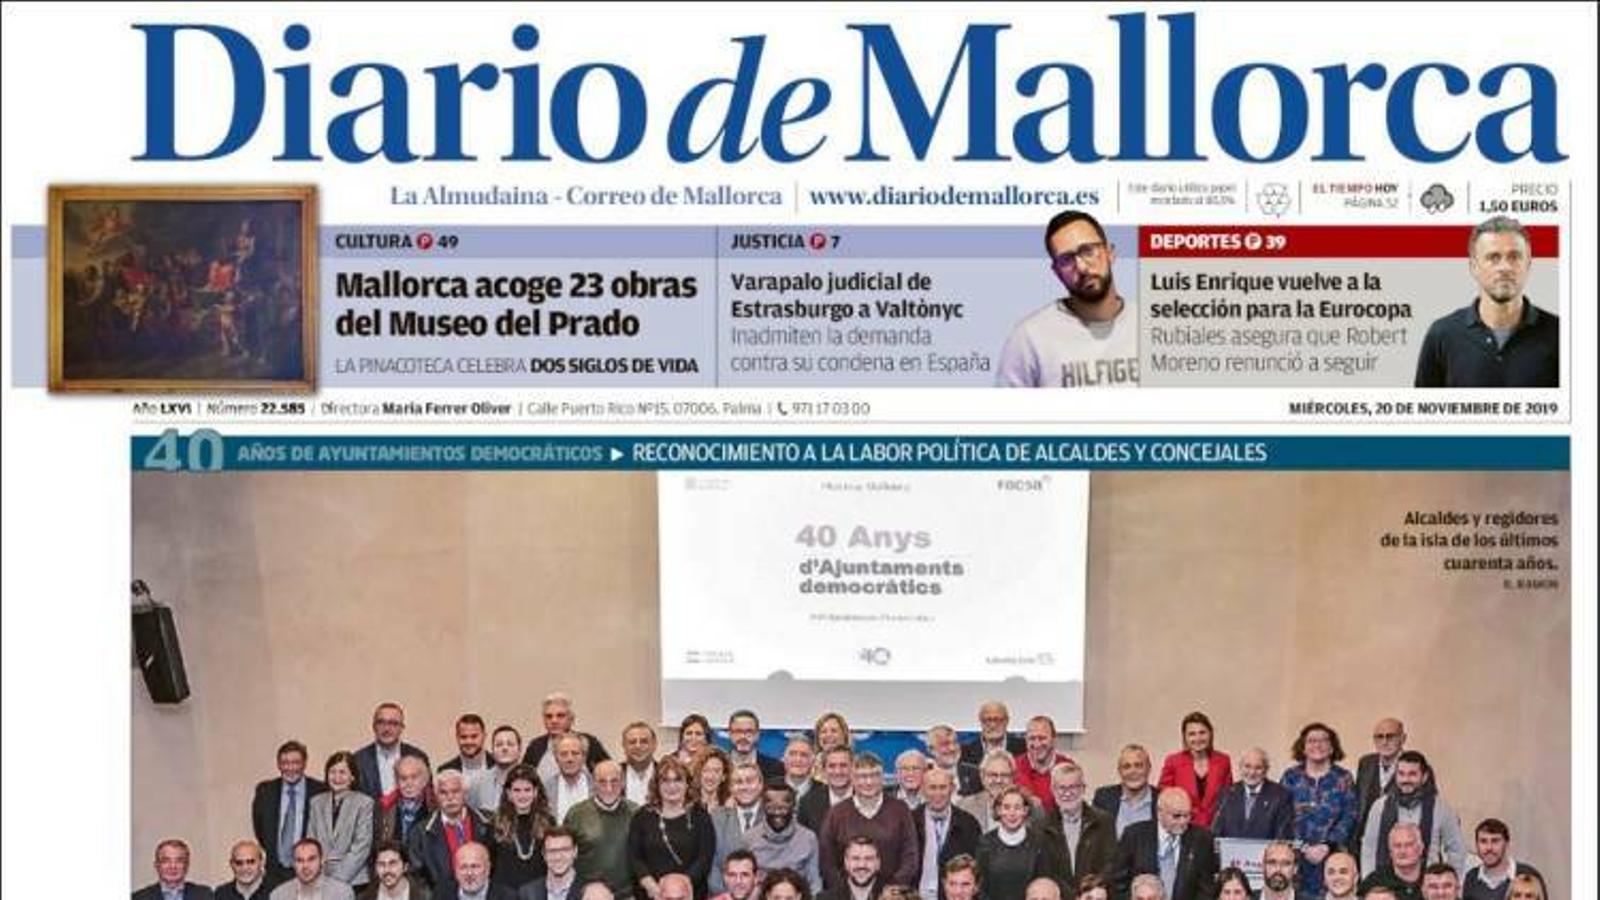 """""""Els comptes del Govern passen el primer tràmit però l'oposició alerta sobre un nou forat"""", portada de 'Diario de Mallorca'"""